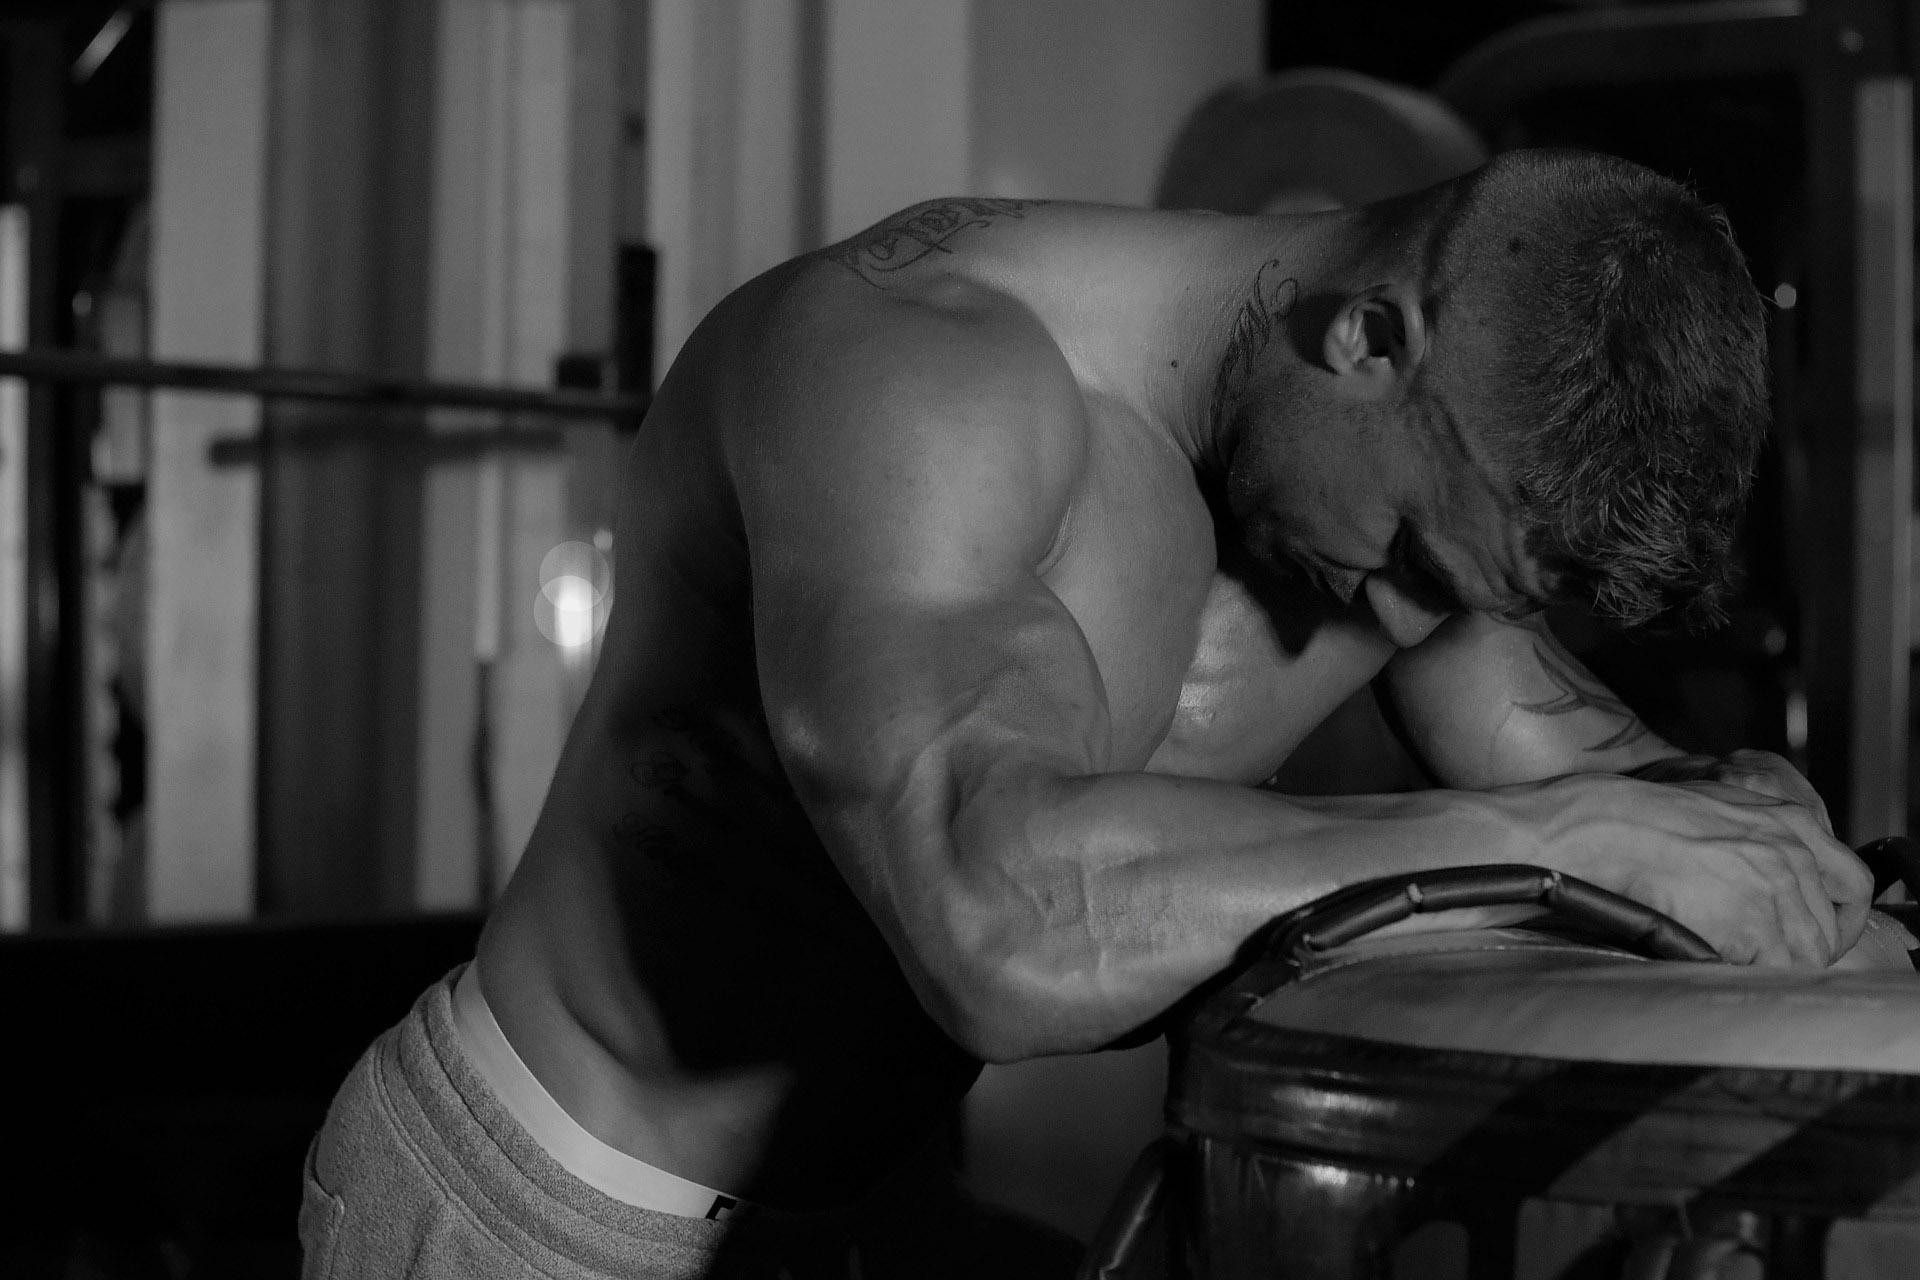 Musí svaly po tréninku bolet?